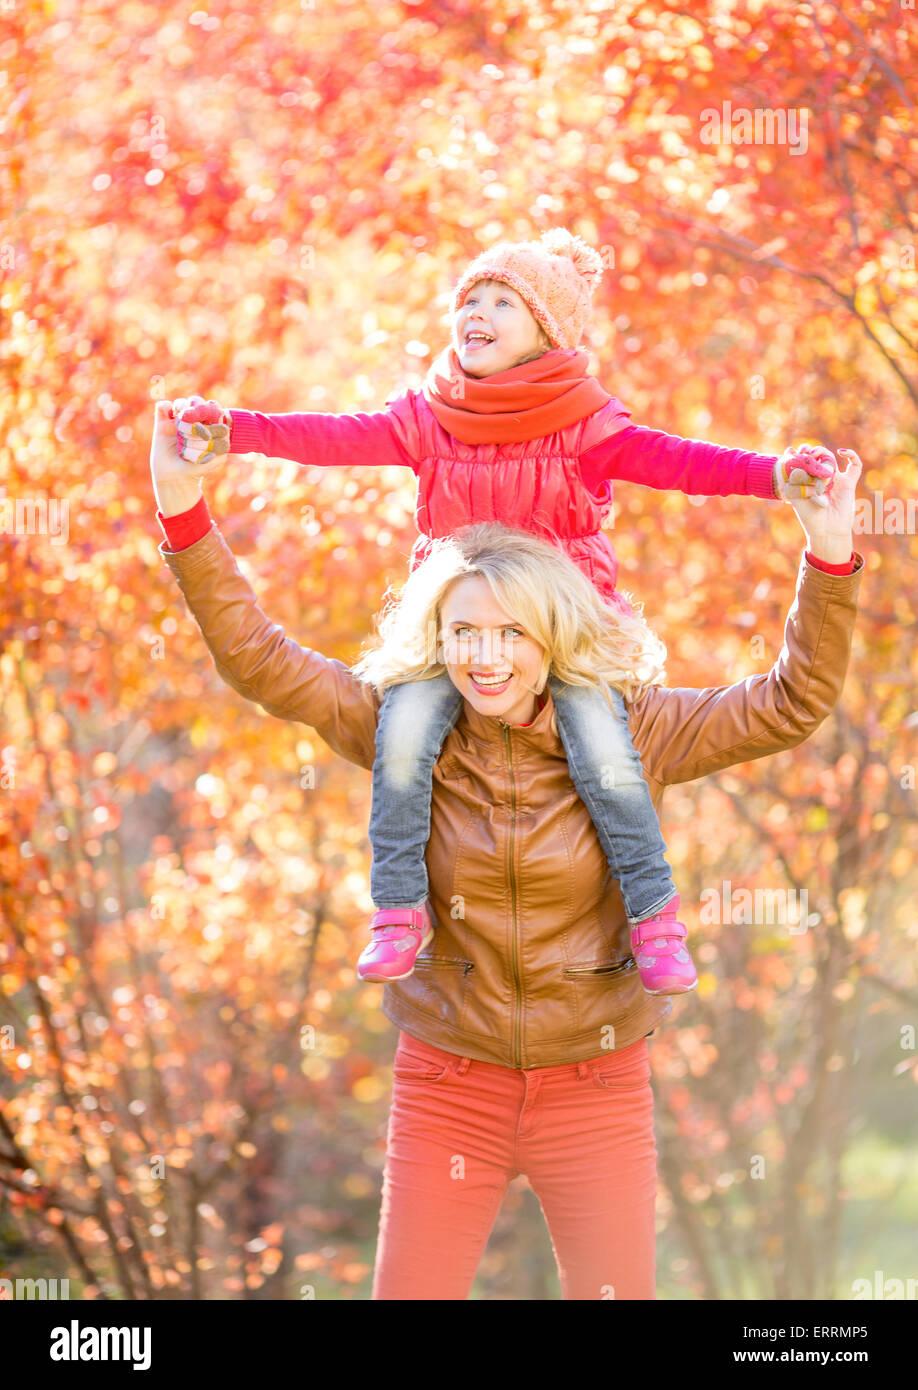 Glückliche Eltern und Kind zu Fuß im Herbst im freien Stockbild